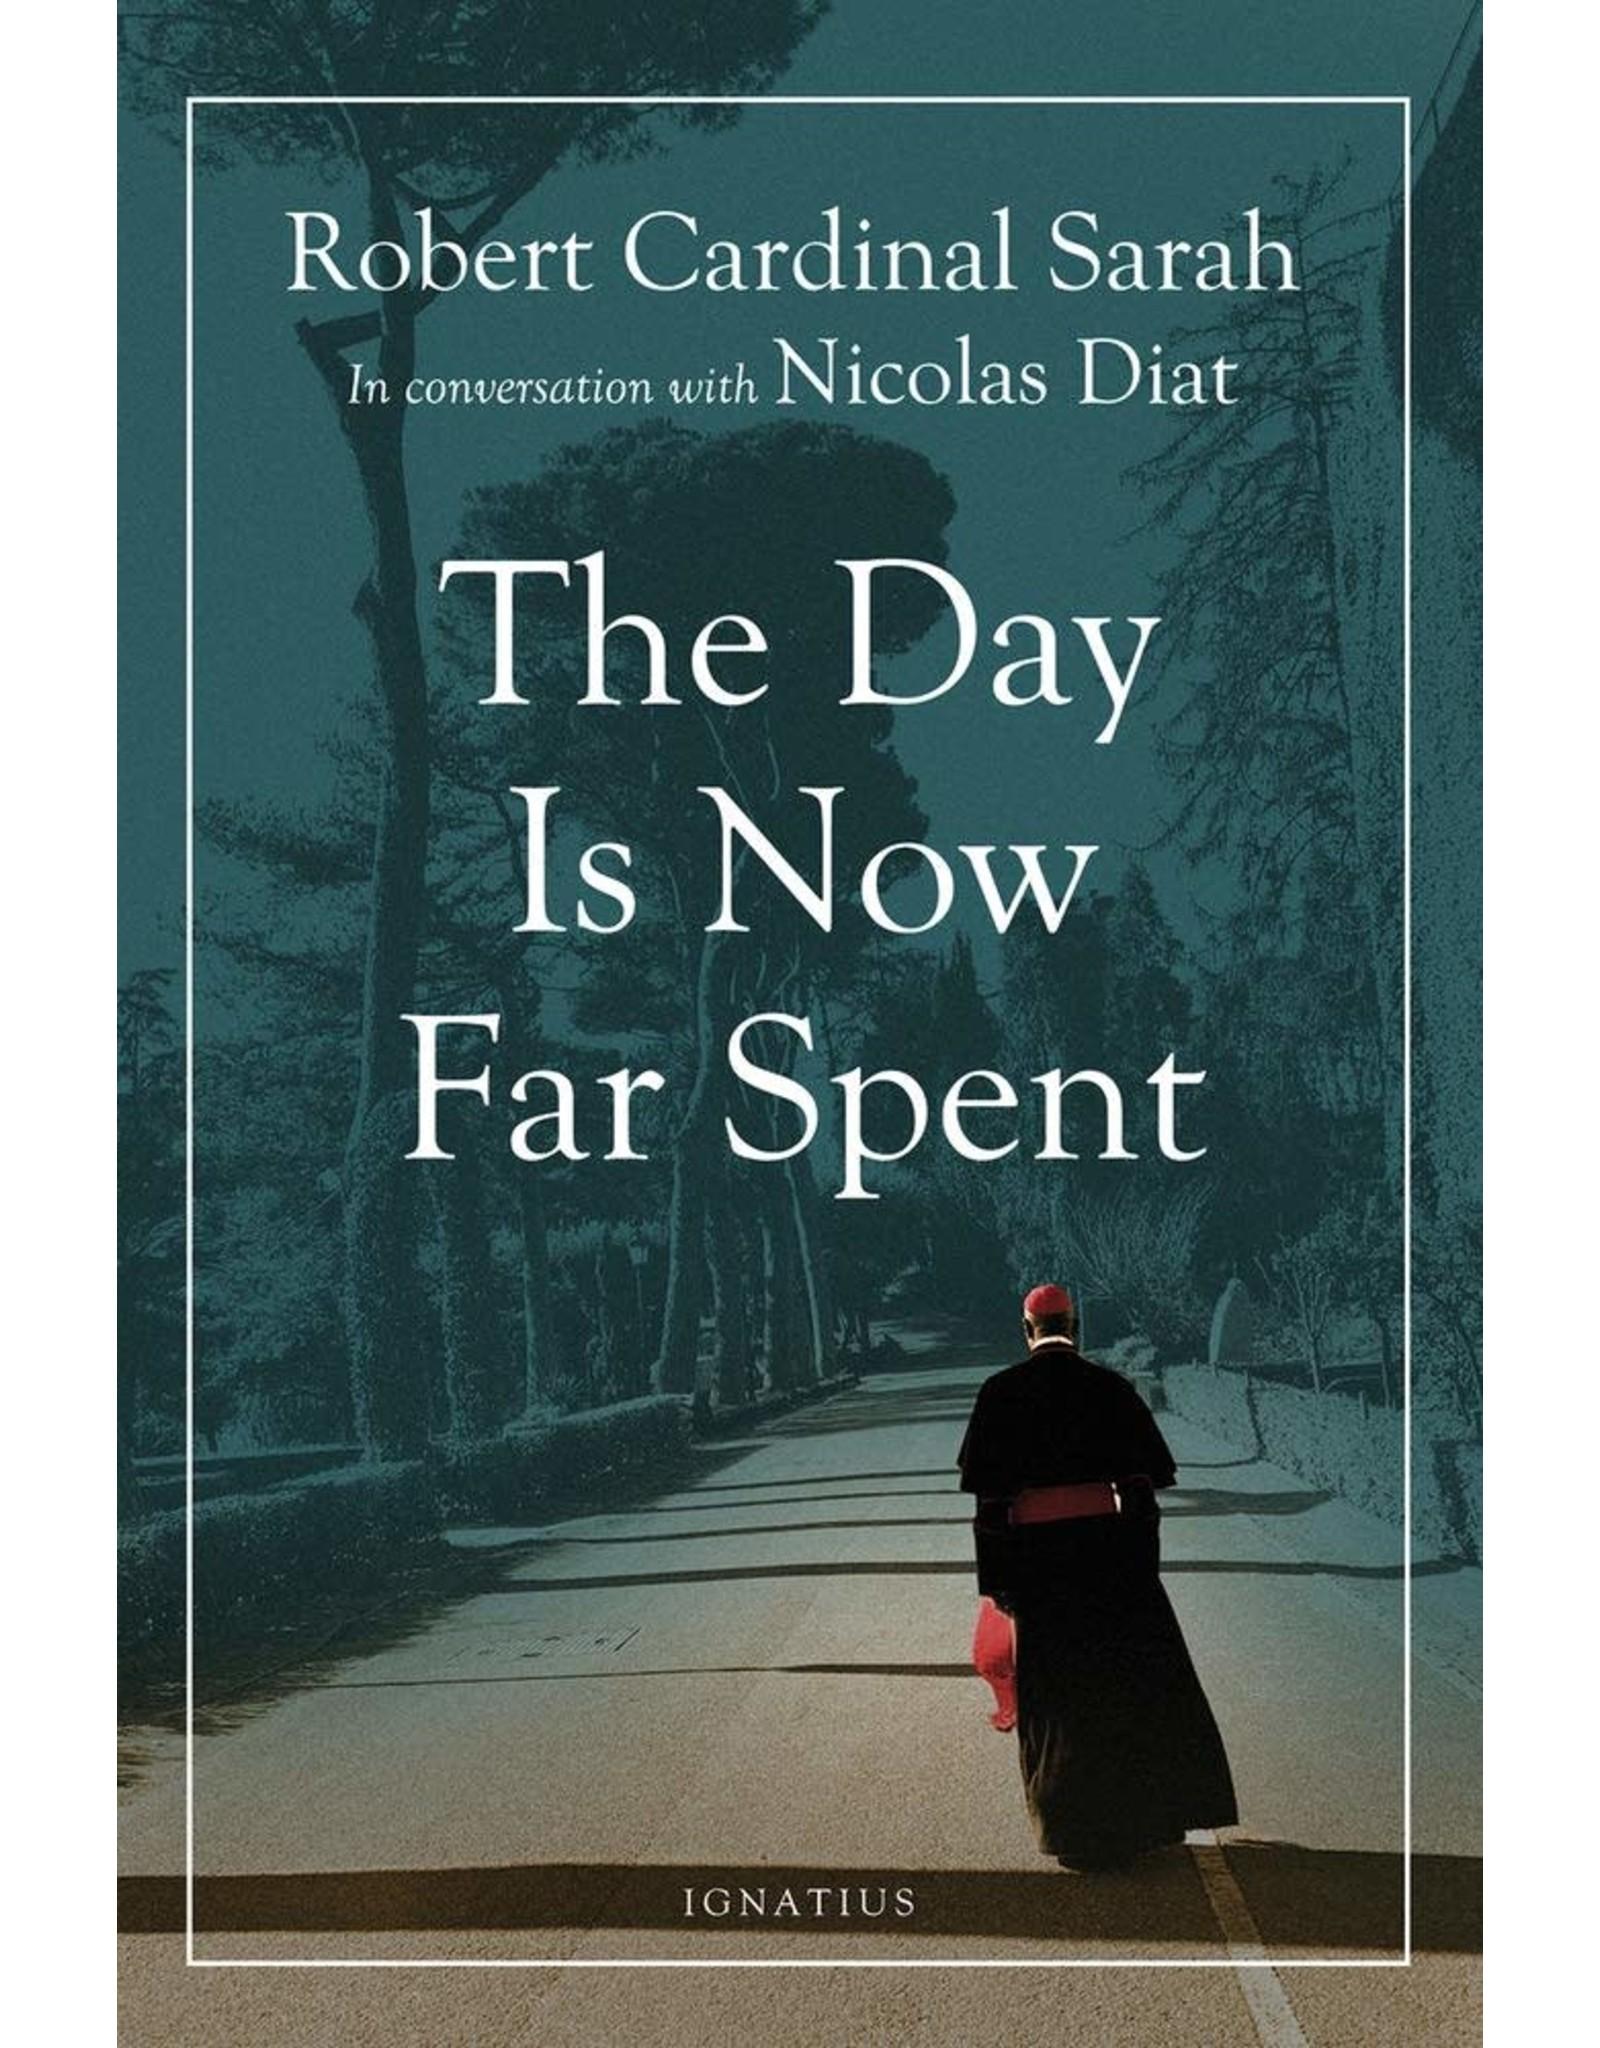 Sarah, Robert Cardinal The Day Is Now Far Spent